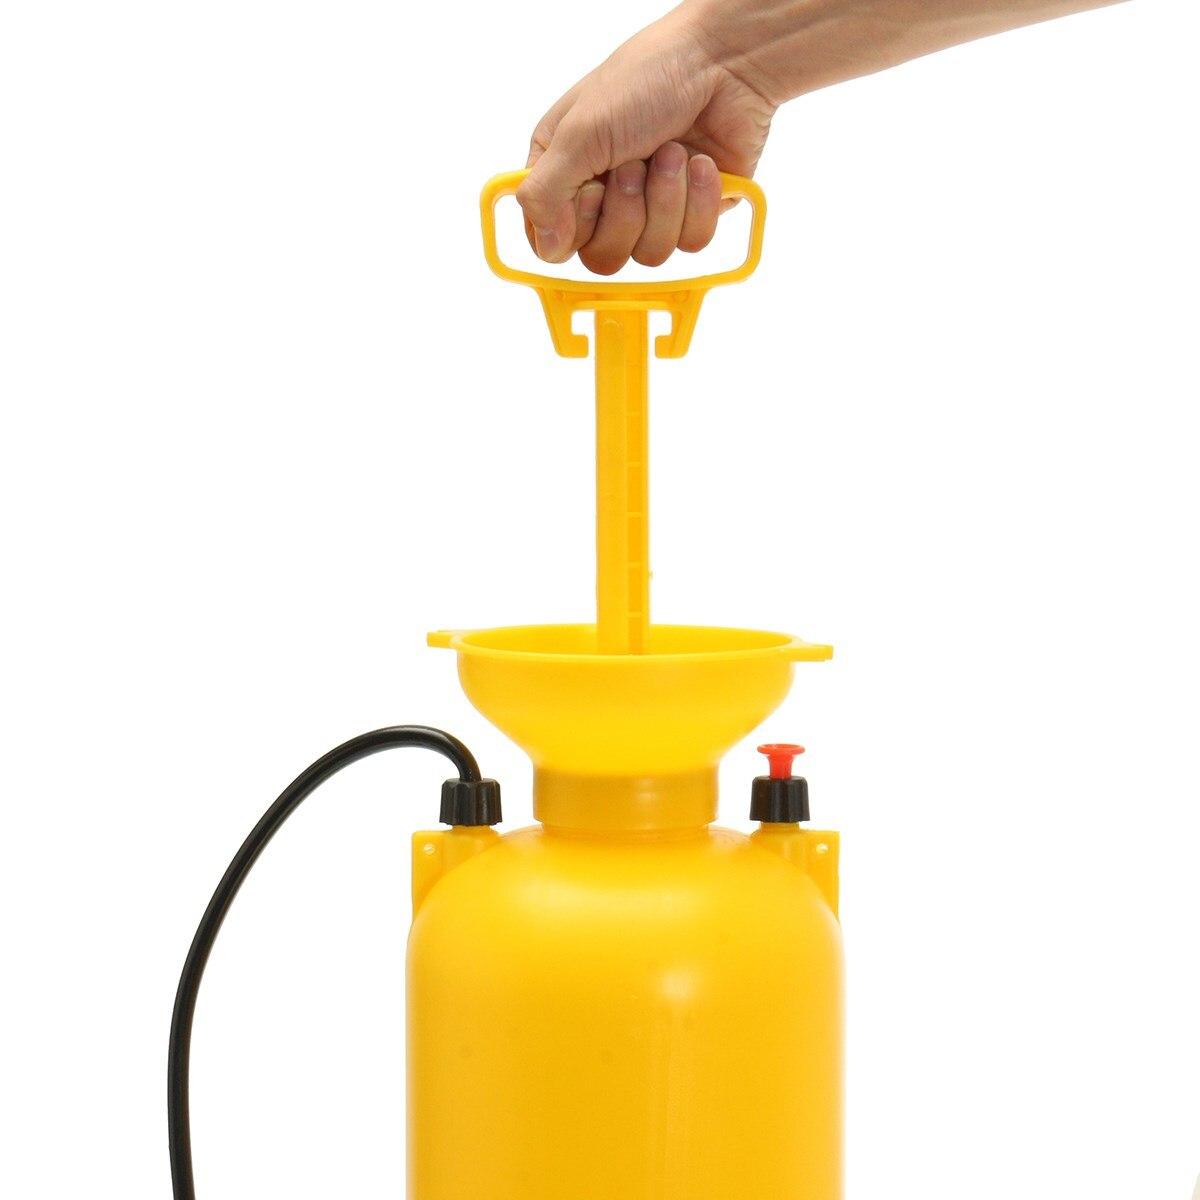 Pratique 8L Portable nettoyeur haute pression pompe de pulvérisation de lavage de voiture brosse tuyau Lance nettoyant outil d'entretien - 3